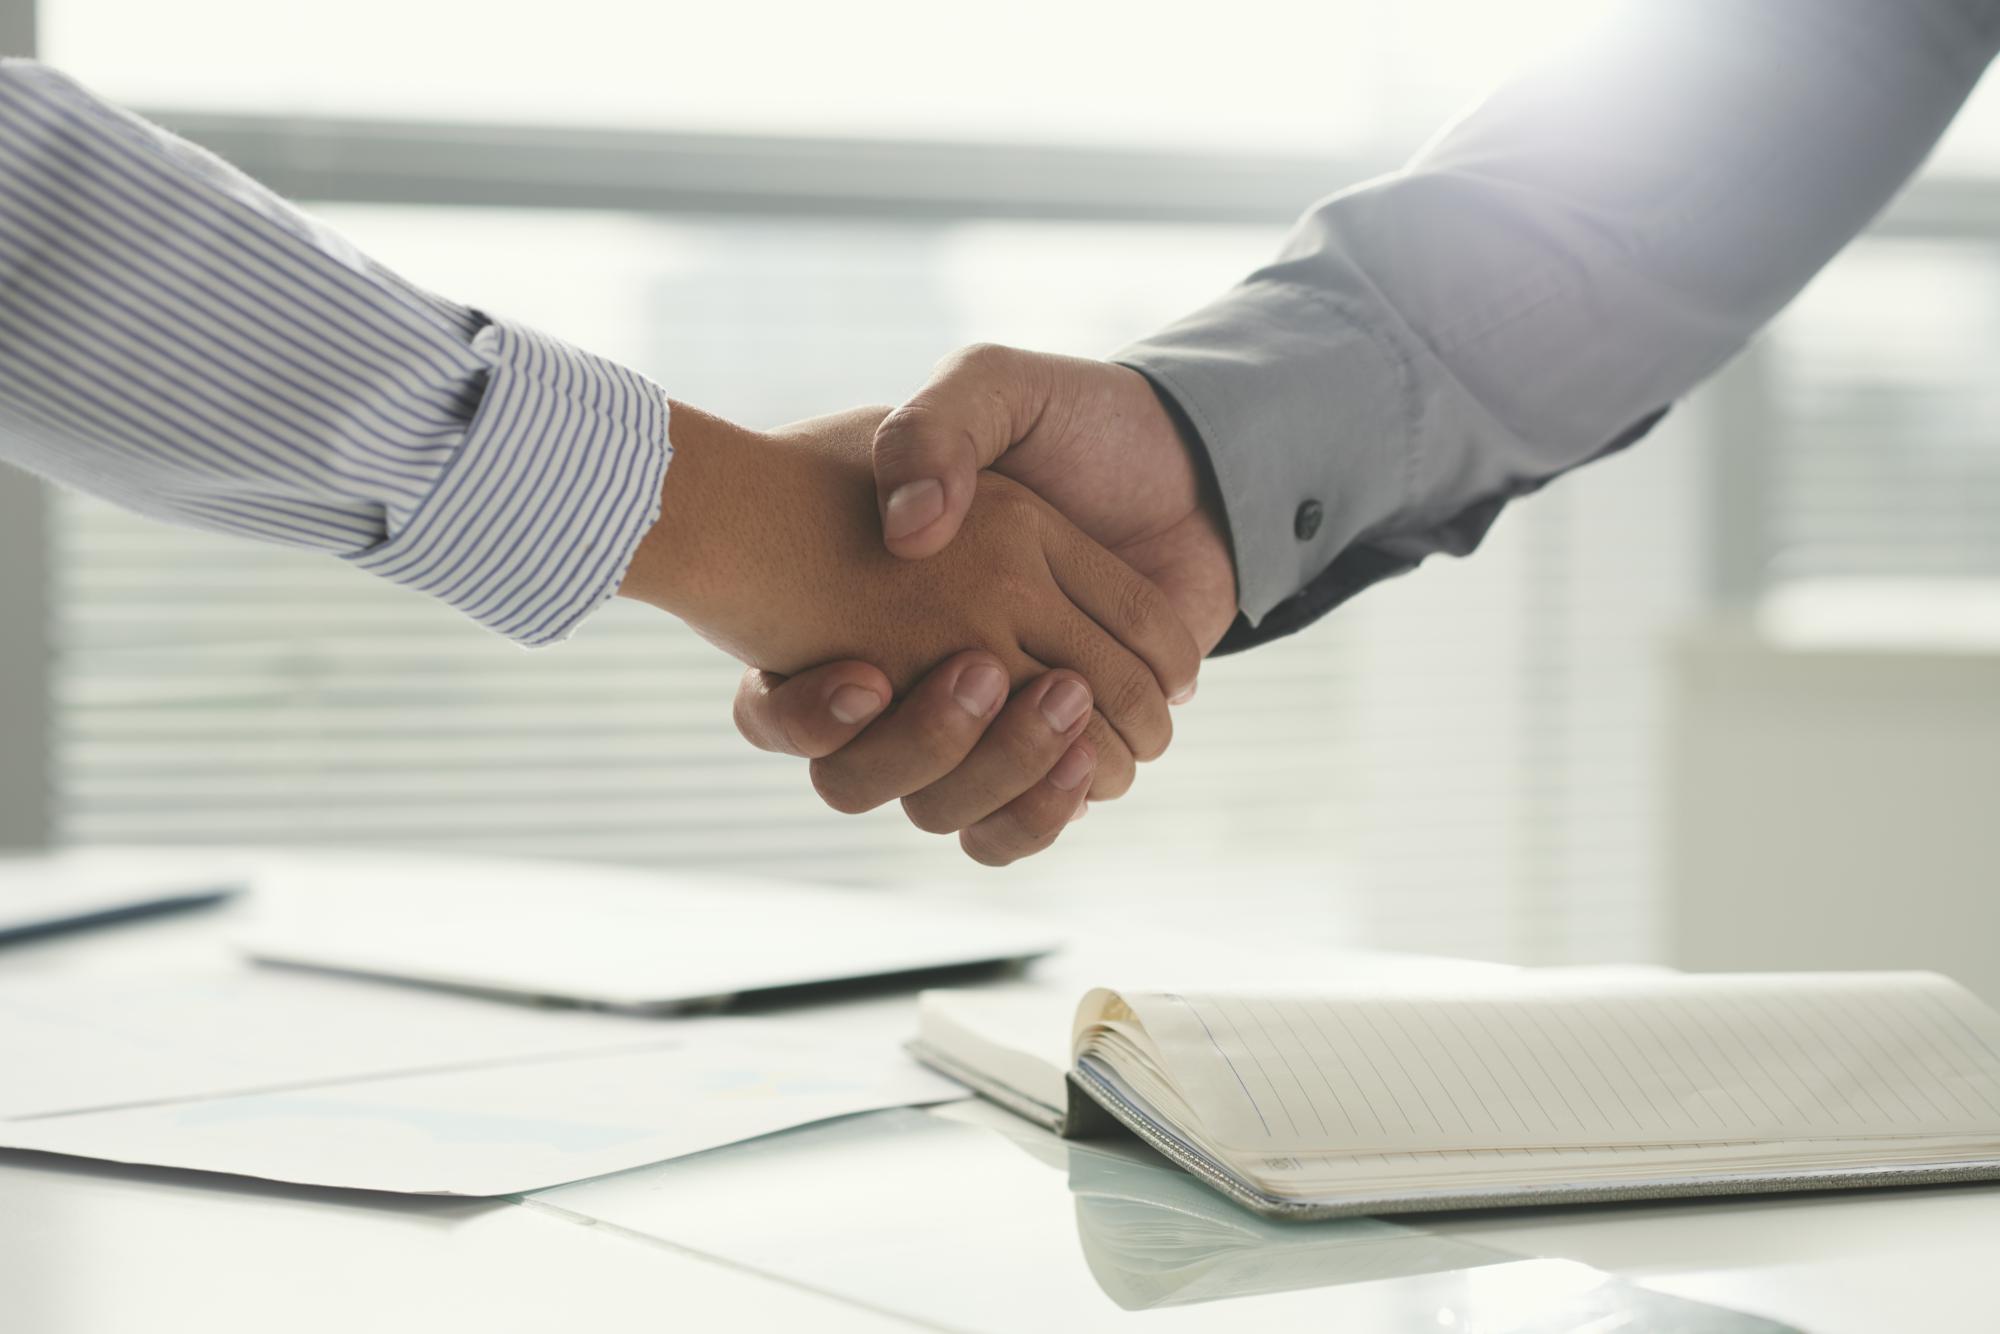 Мировое соглашение с налоговой инспекцией было зарегистрировано ВАС РФ